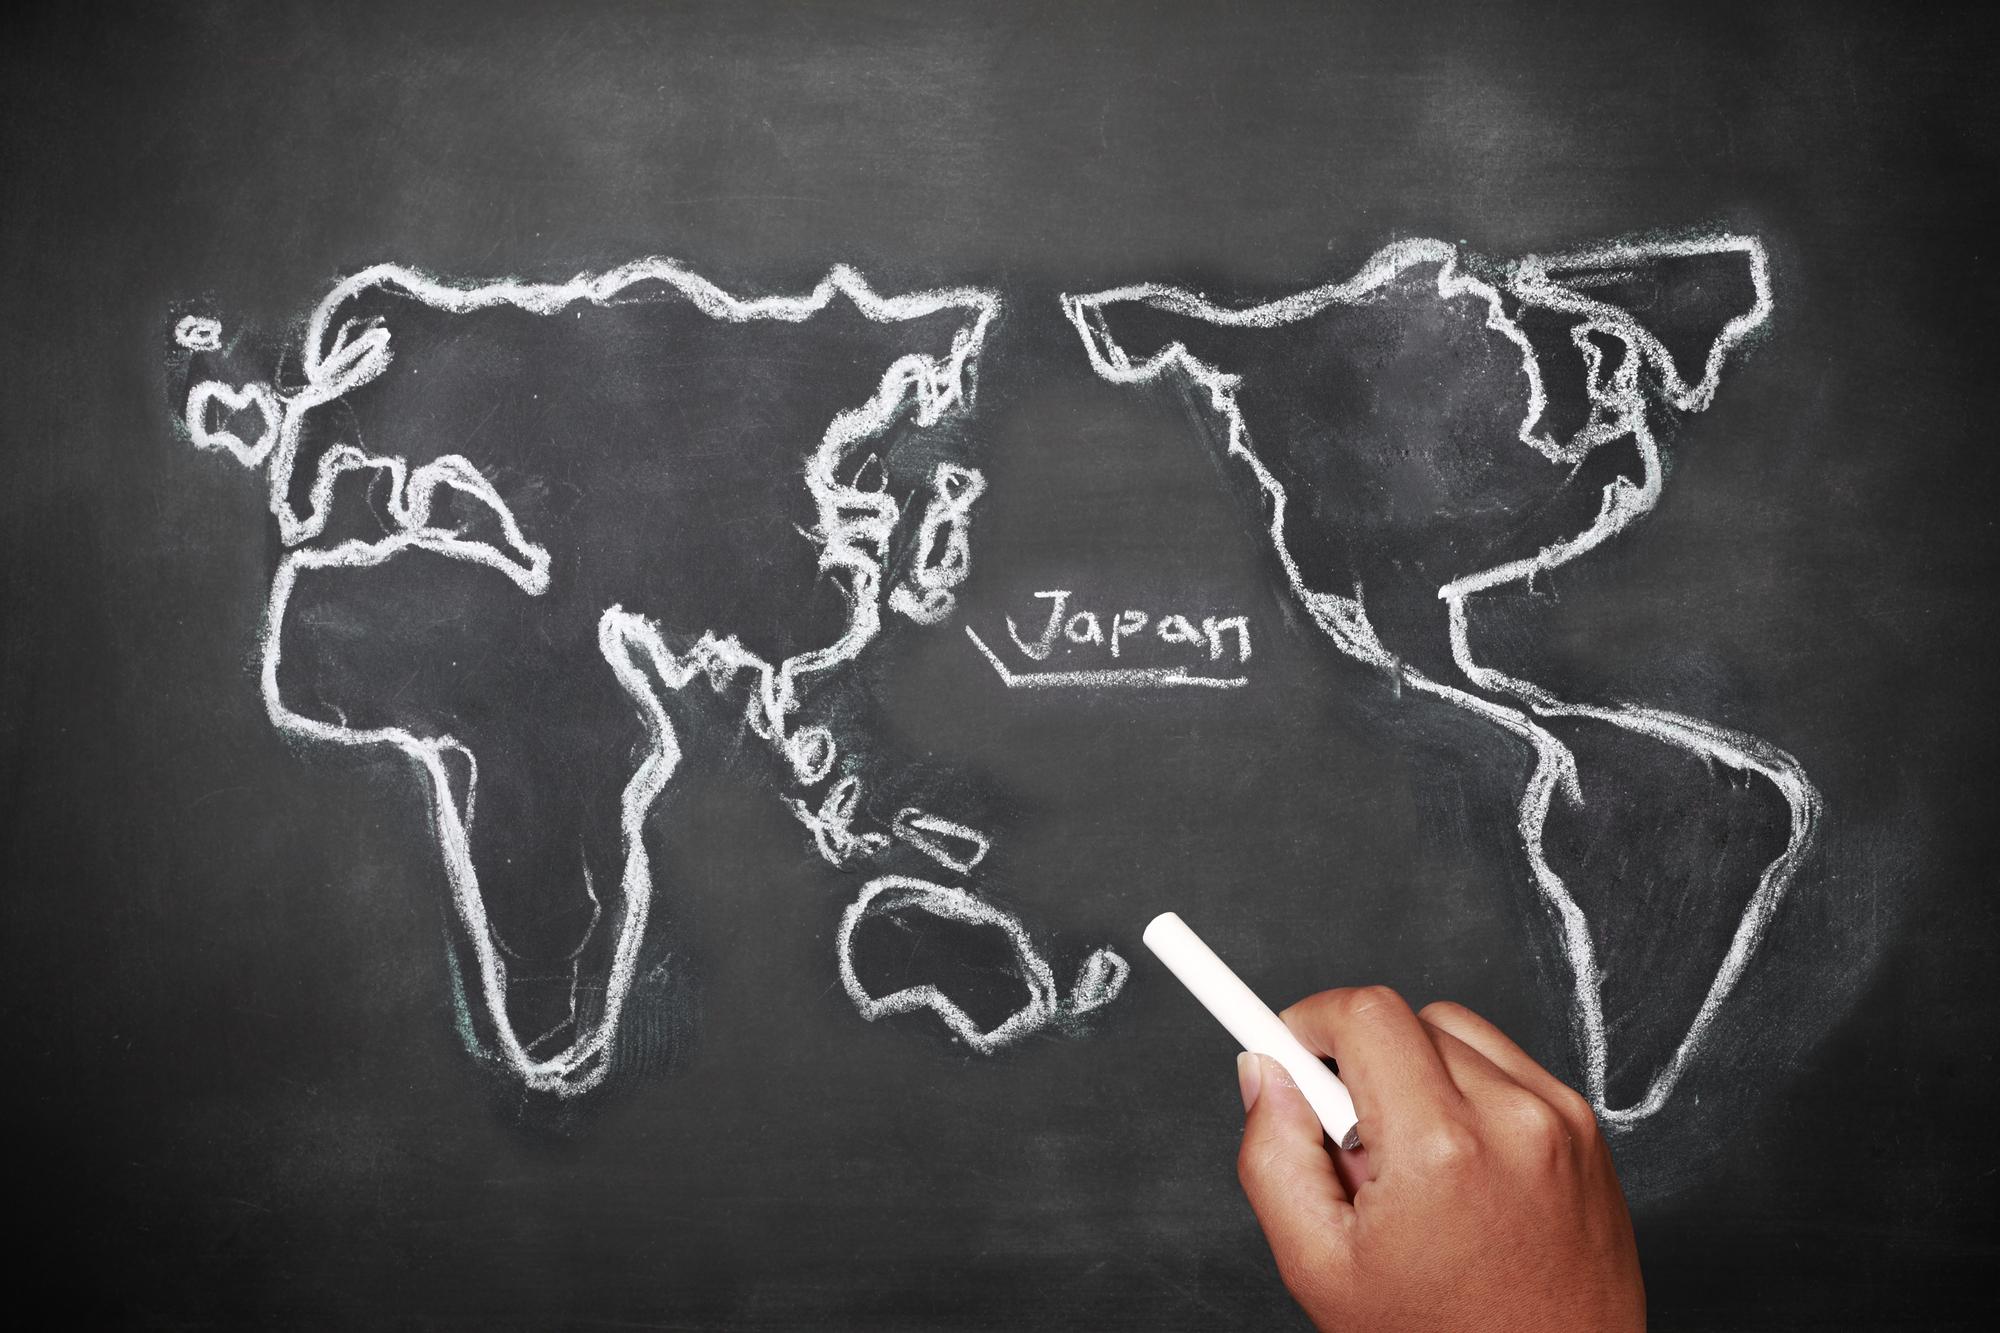 黒板に書いた世界地図